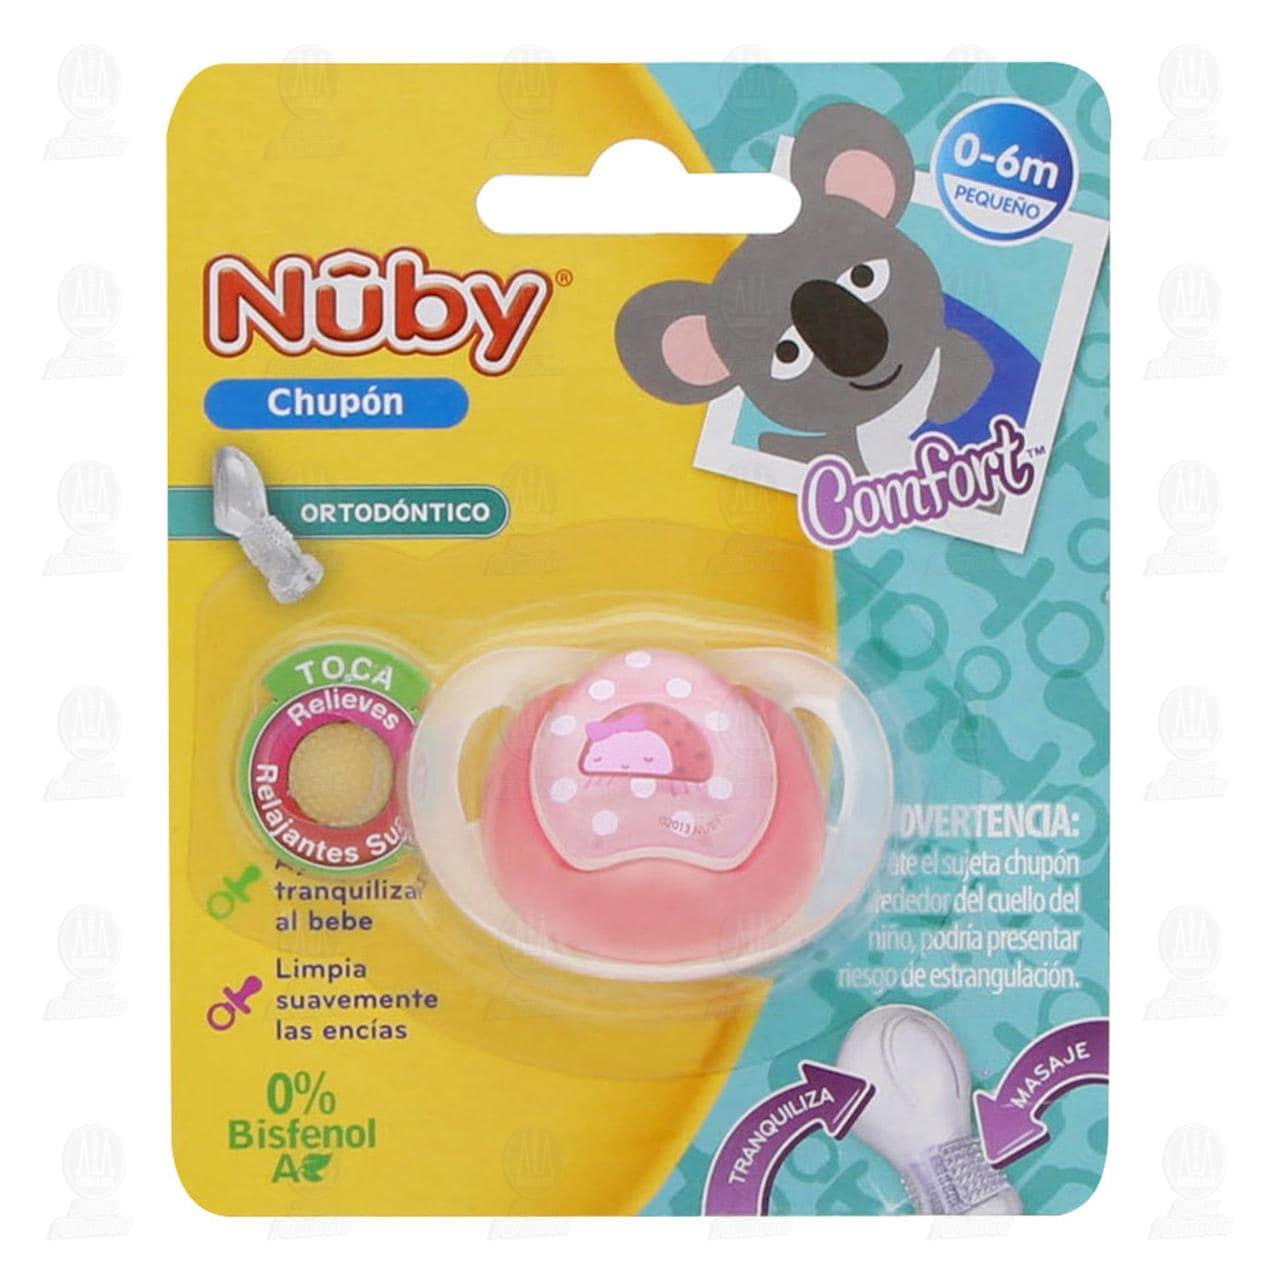 Chupón para Bebé Nuby Ortodóntico de 0-6 Meses, 1 pz.